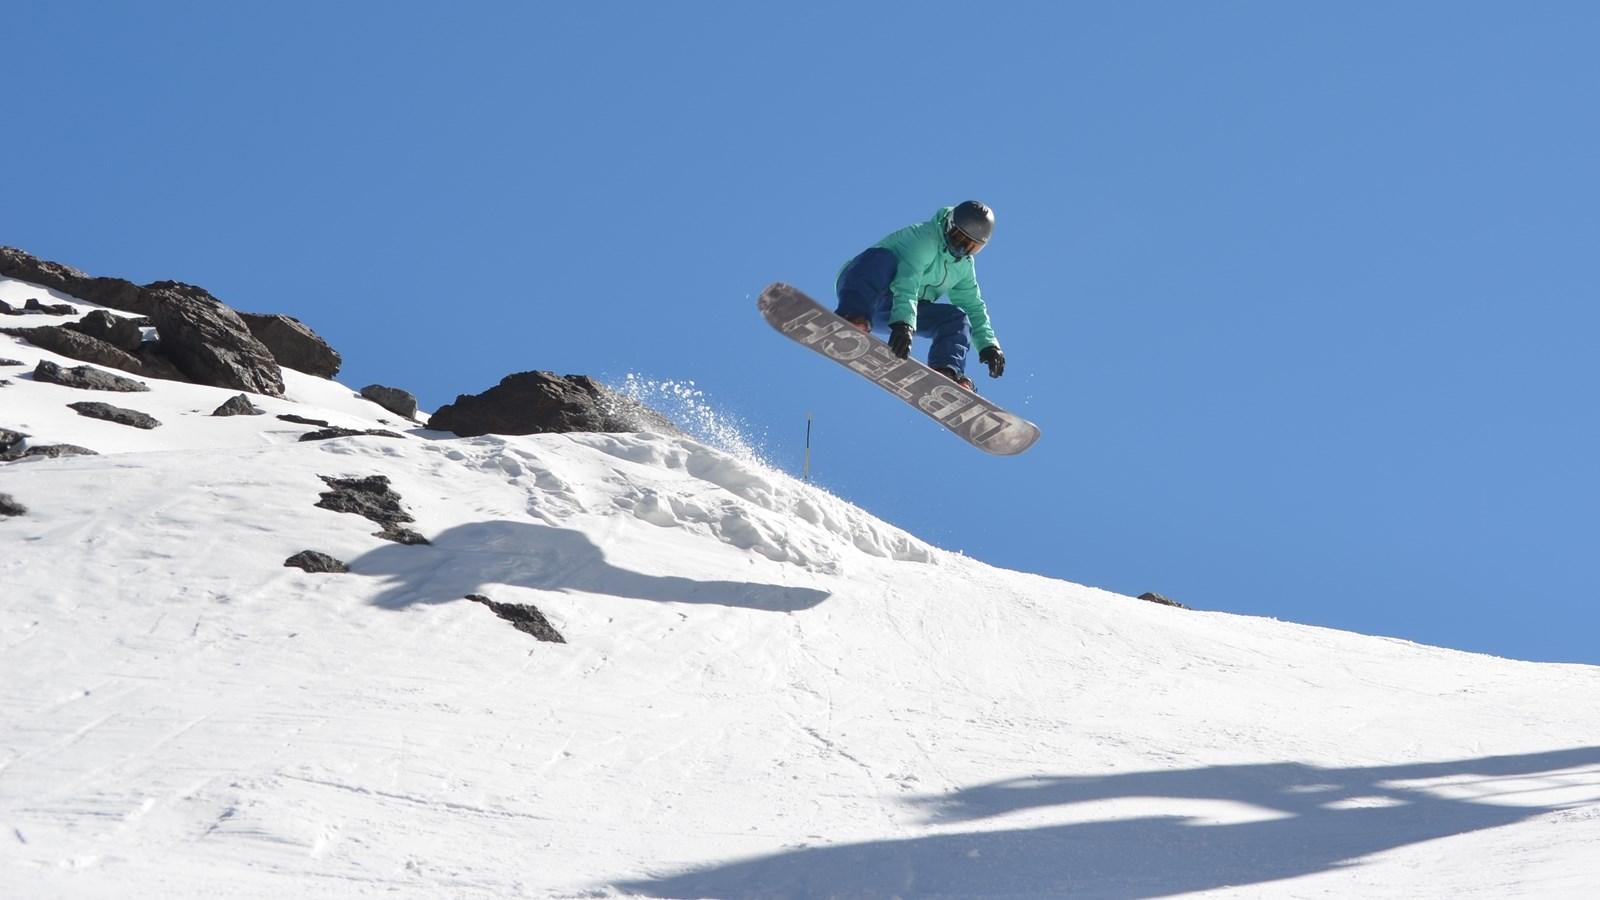 Ski Academy_16to9_Snowboard_DSC_0112_winzig